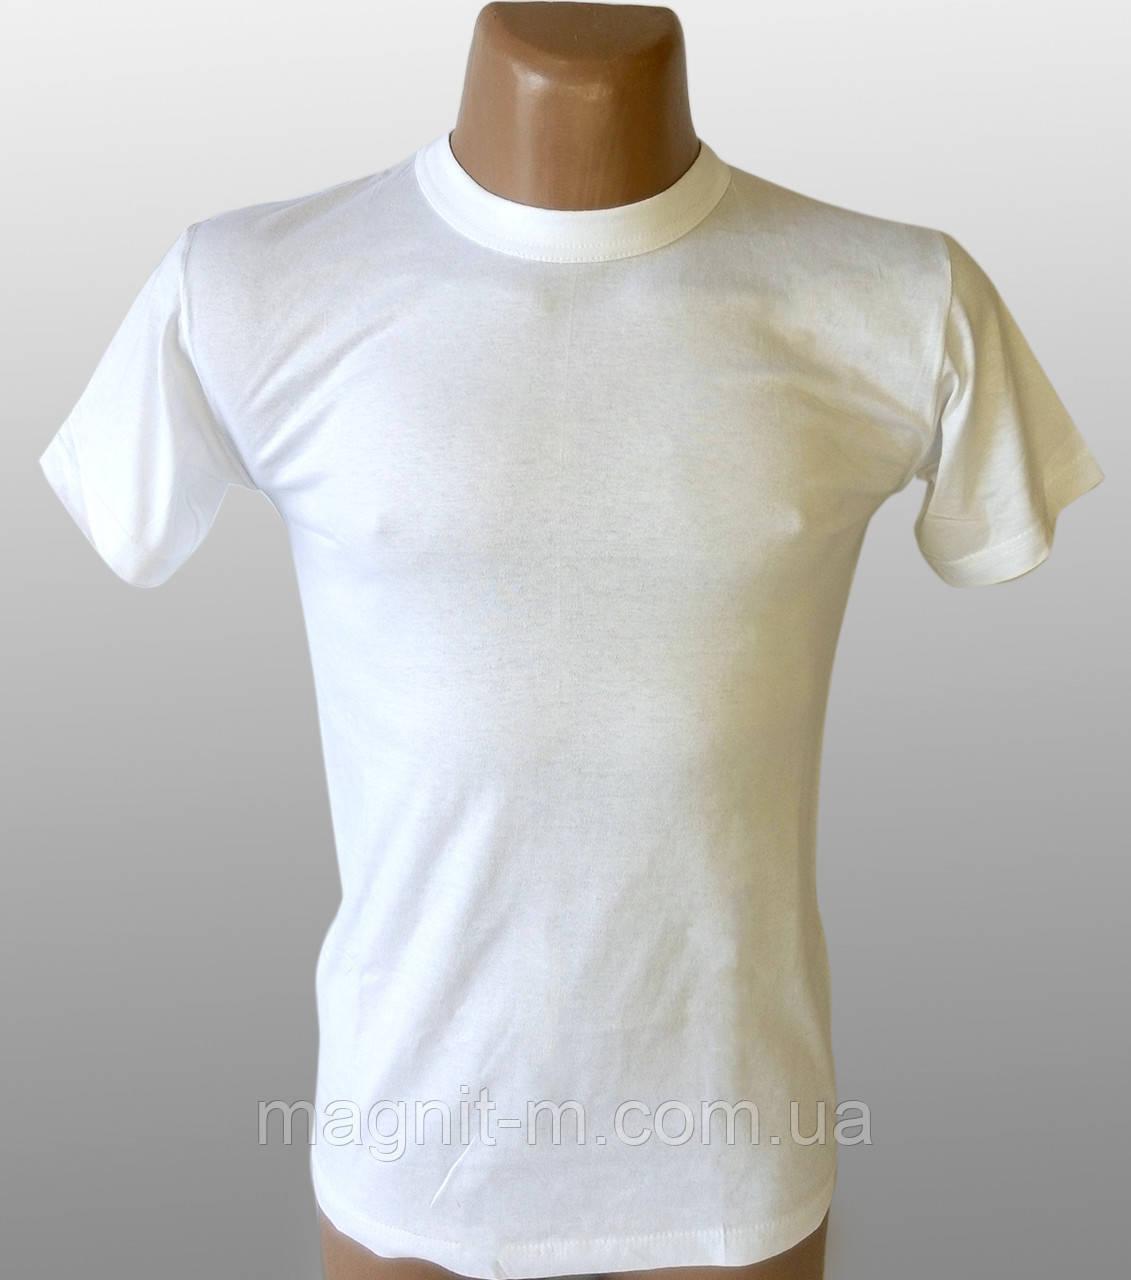 """Футболка """"EZGI"""" Біла. Розмір S(48-50) №56. Бавовна."""